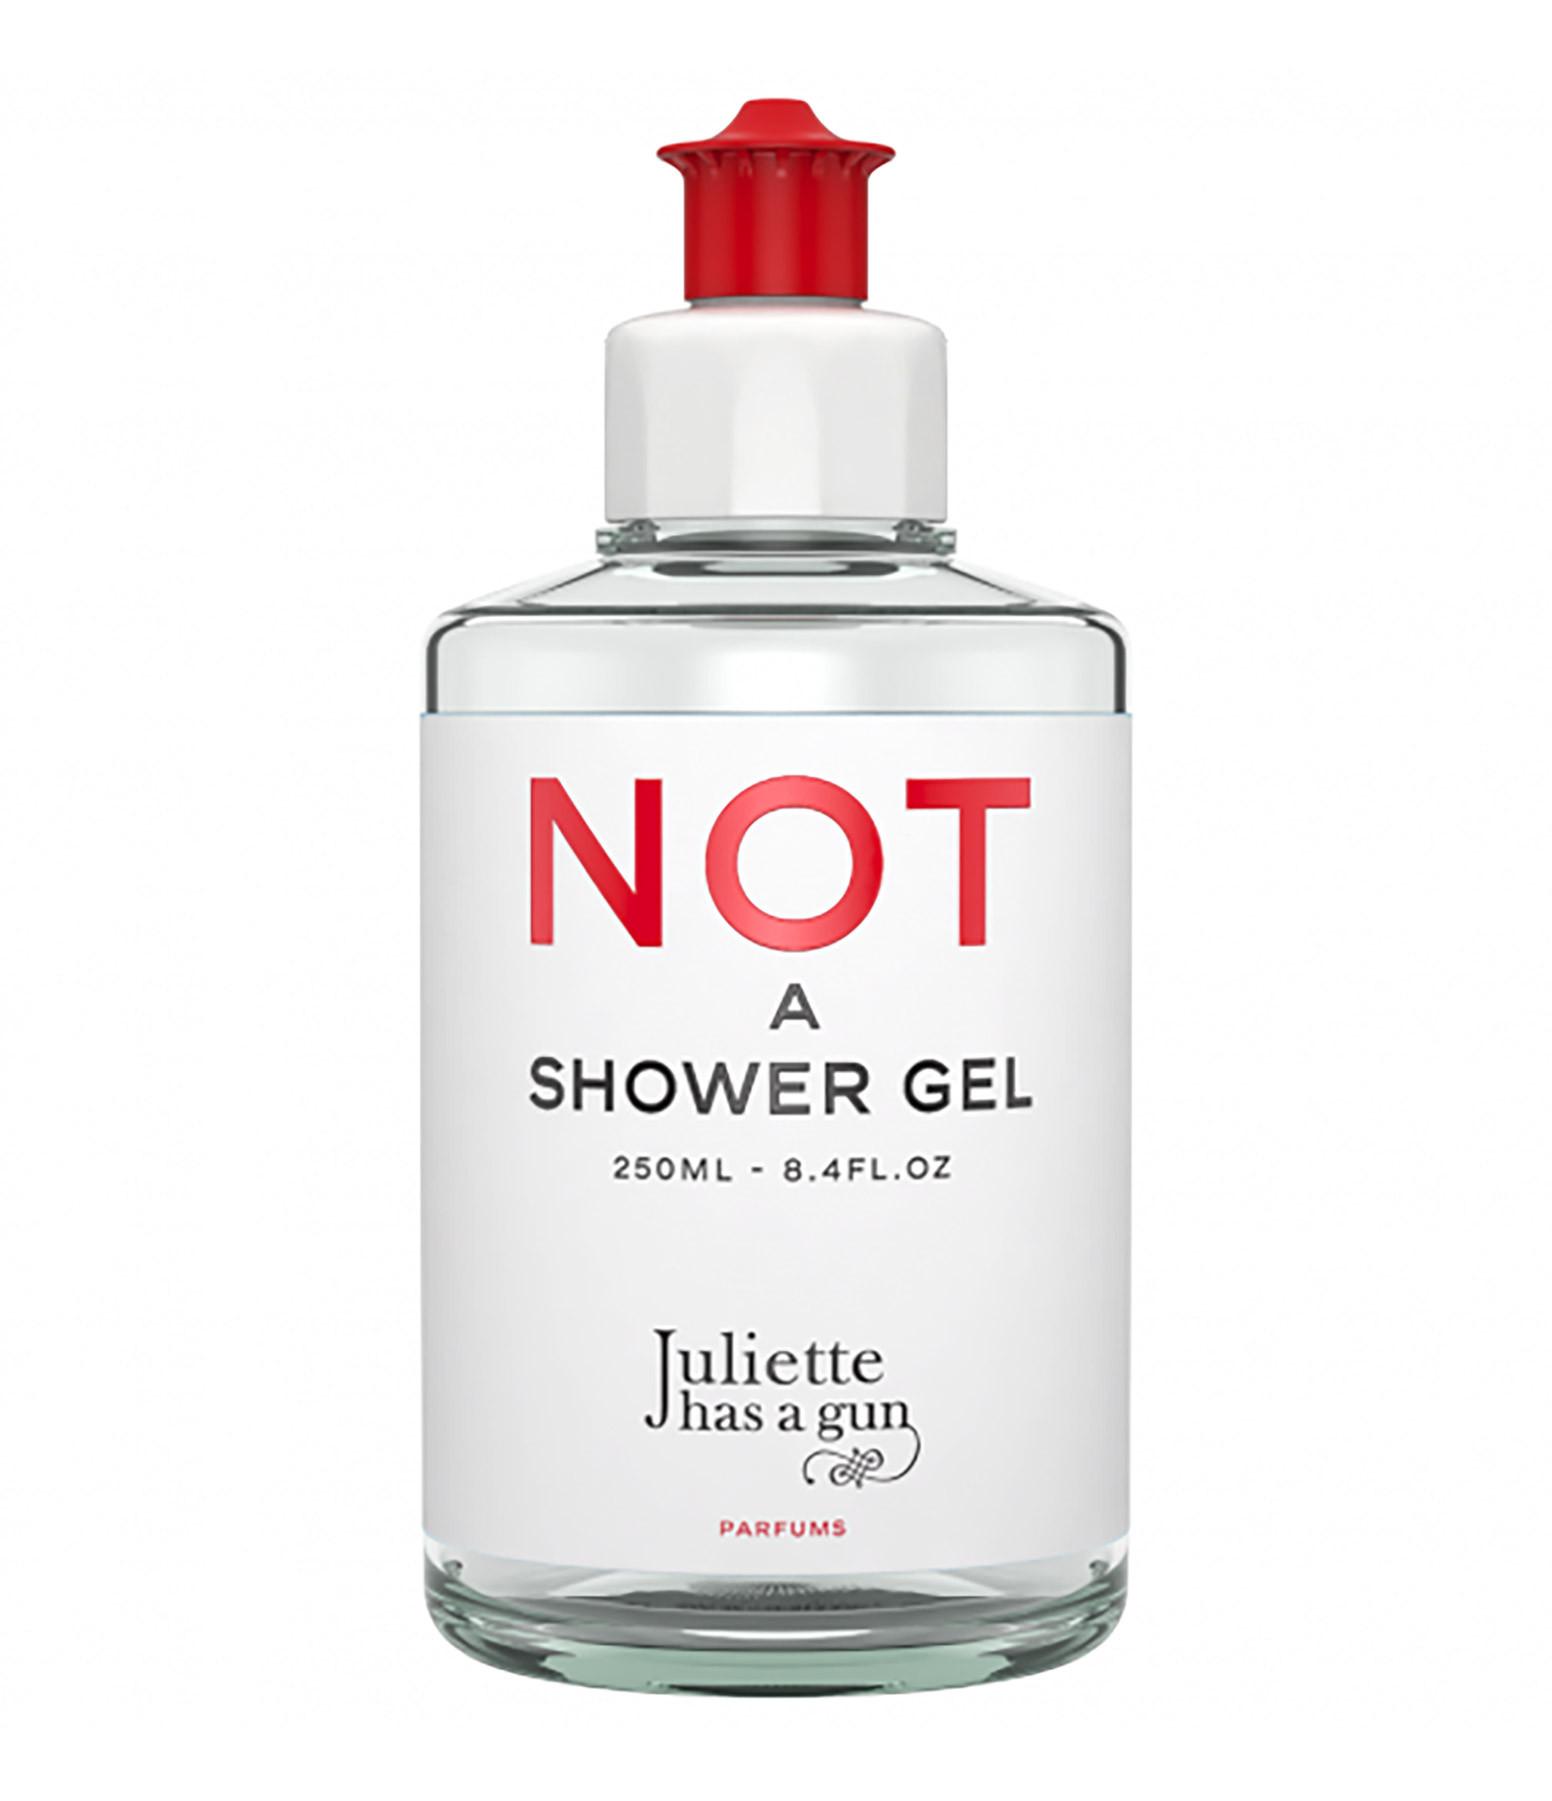 JULIETTE HAS A GUN - Gel Douche Not a Shower Gel 250ml